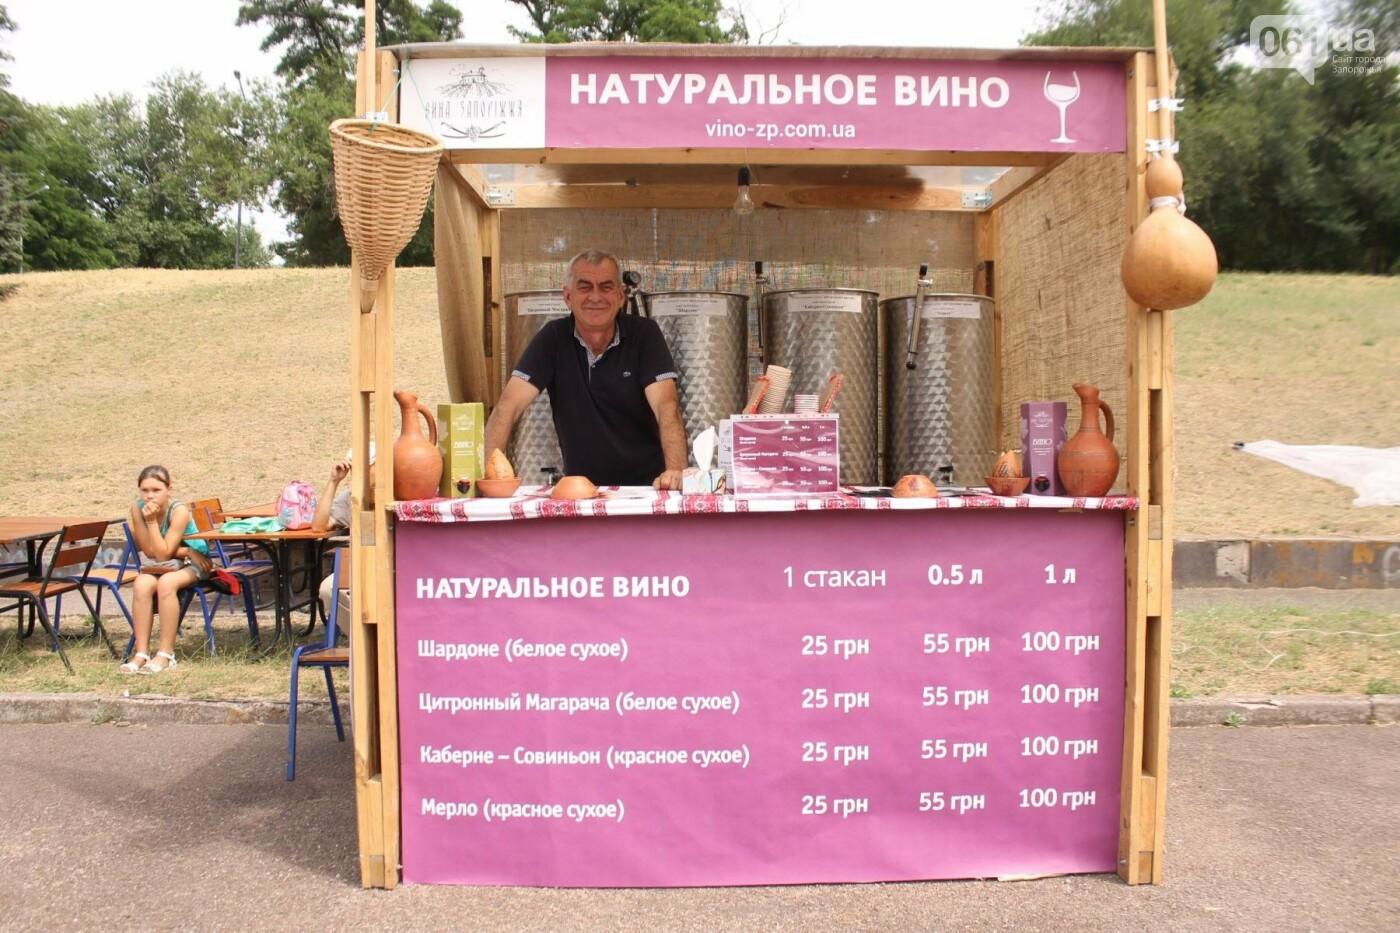 Фестиваль еды, концерты и развлечения: в Запорожье начался фестиваль ко Дню молодежи, – ФОТОРЕПОРТАЖ, фото-19